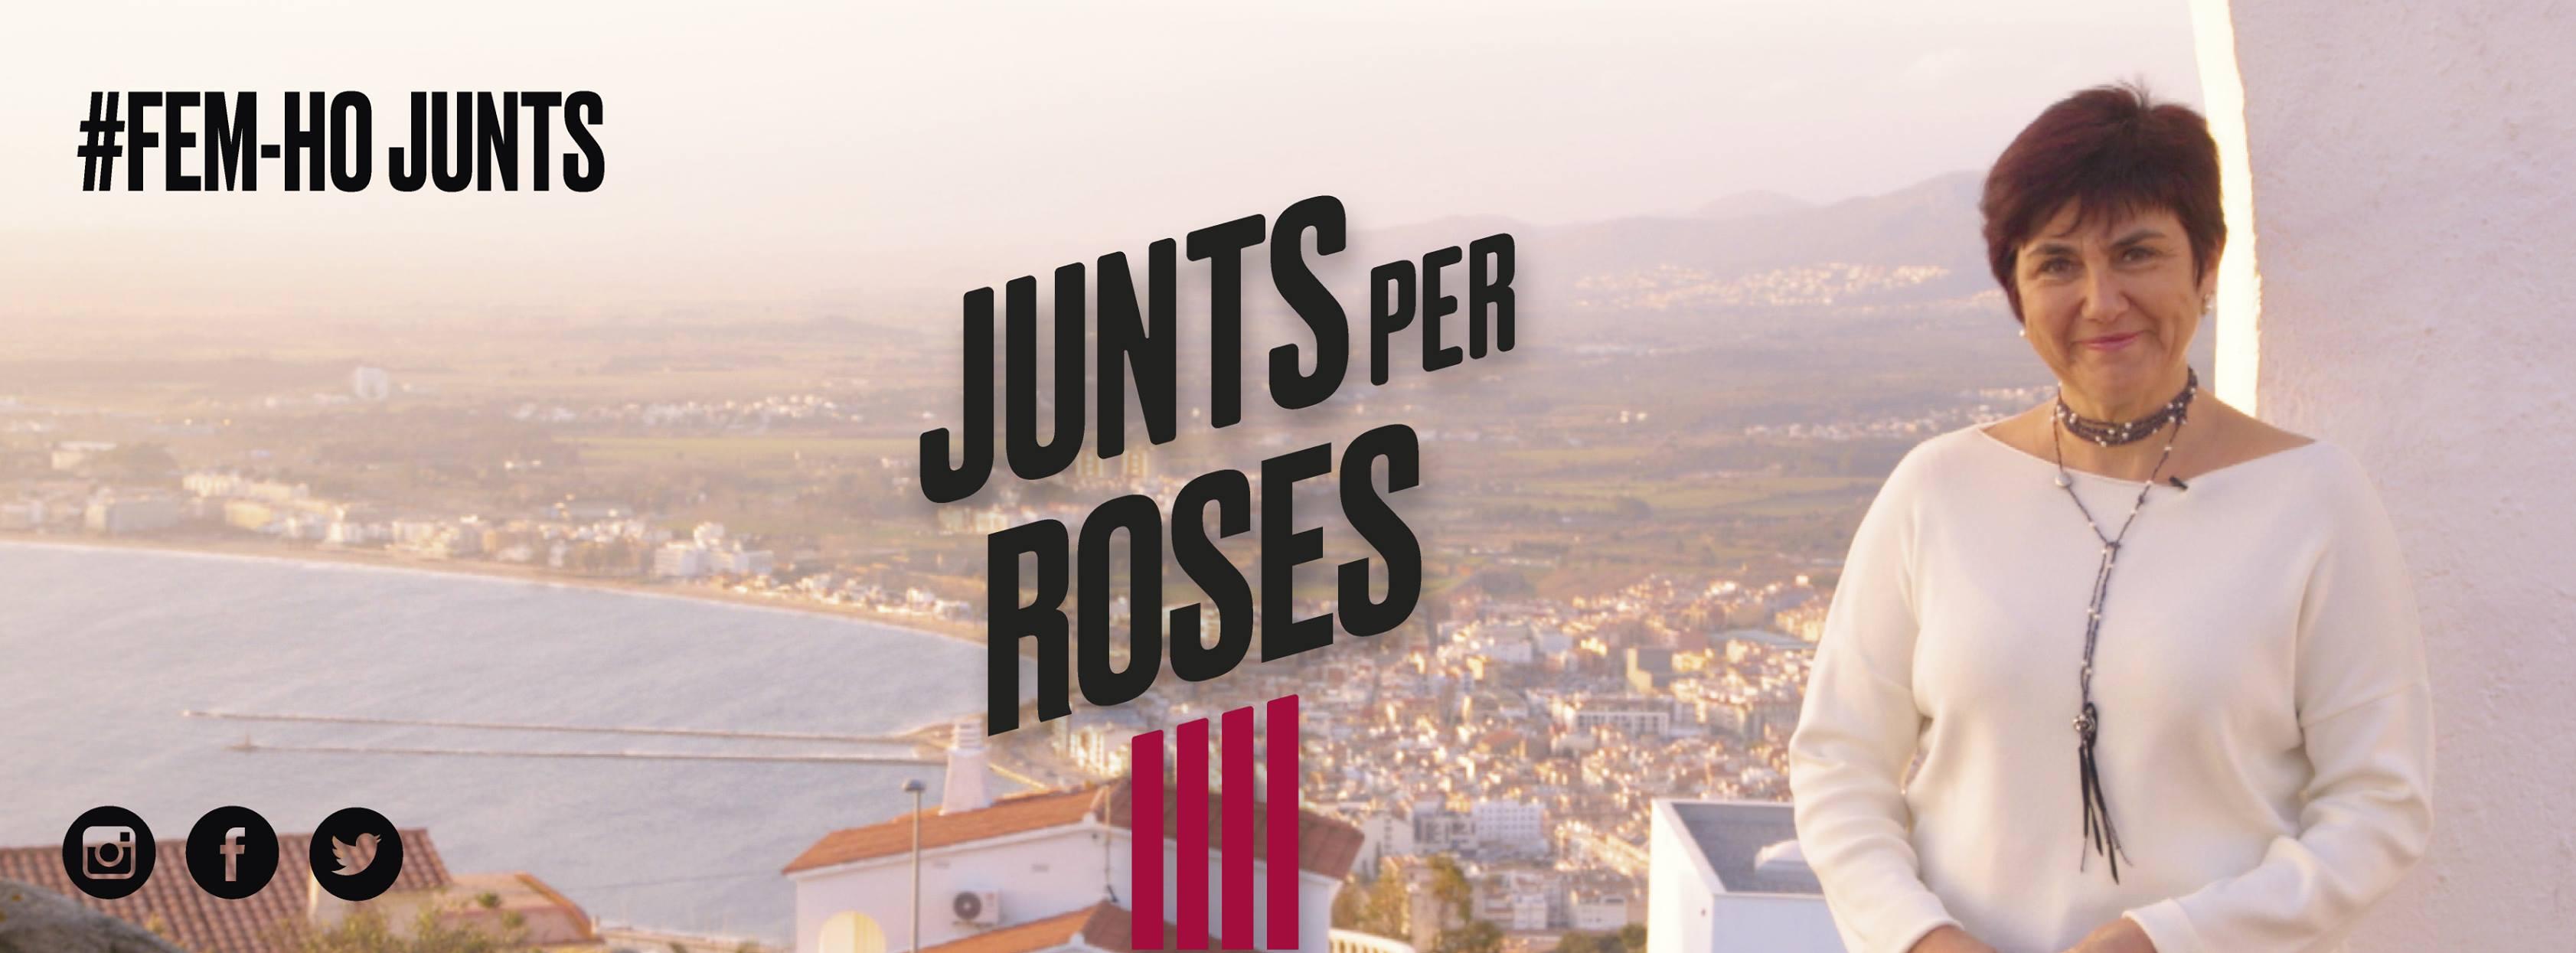 Junts per Roses, continua avançant en la seva precampanya, després que es presentés públicament el desembre passat amb el President Artur Mas